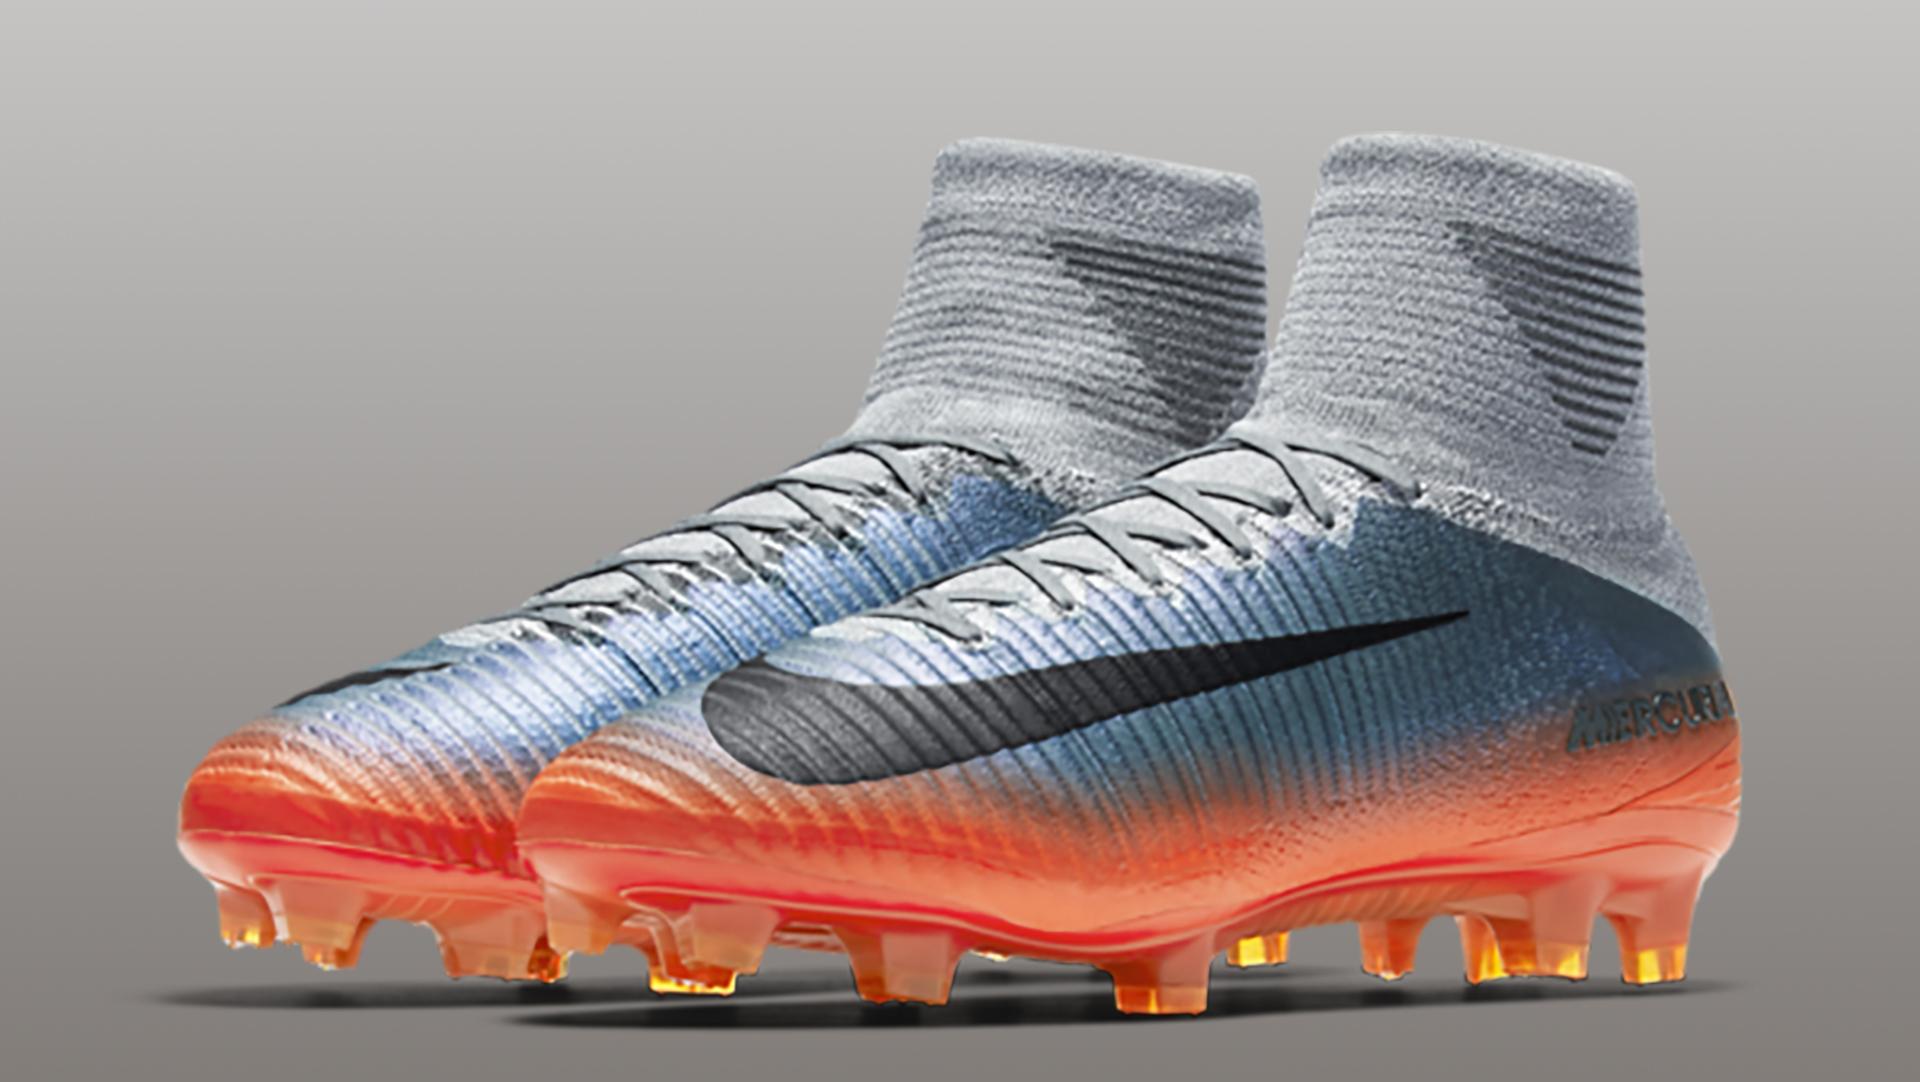 Sepatu Terbaru Cristiano Ronaldo Dari CR28 Ke CR7 Goalcom